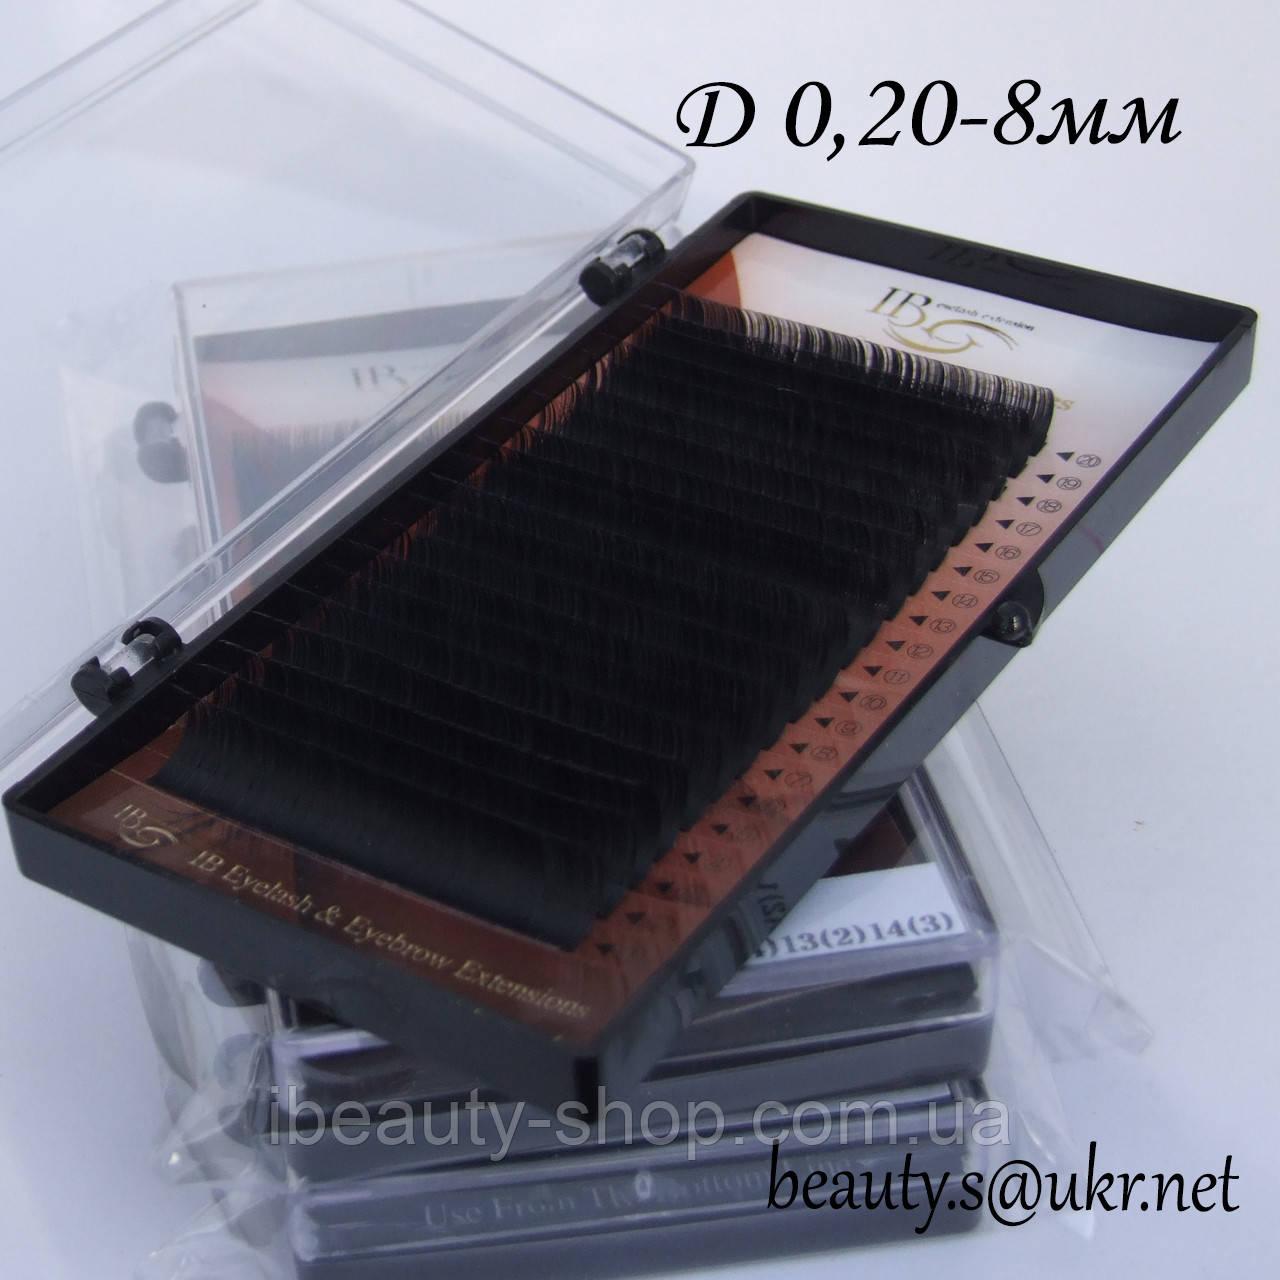 Вії I-Beauty на стрічці D-8мм 0,20